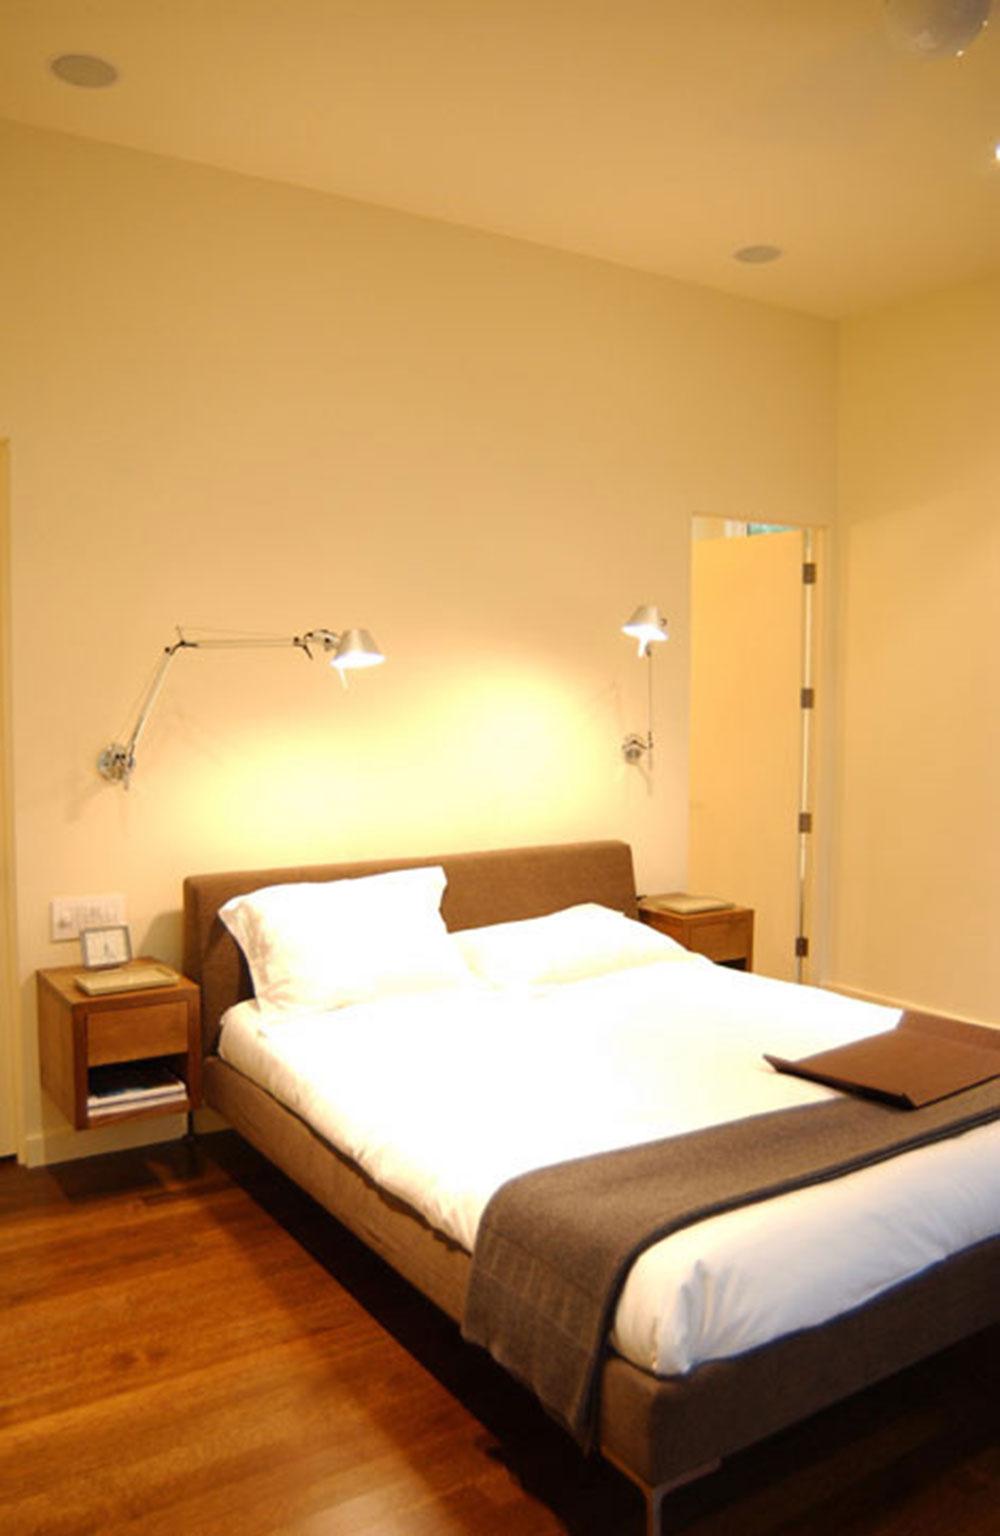 Väggmonterad nattduksbord-hjälpsam-och-underbar14 Väggmonterad nattduksbord - hjälpsam och underbar